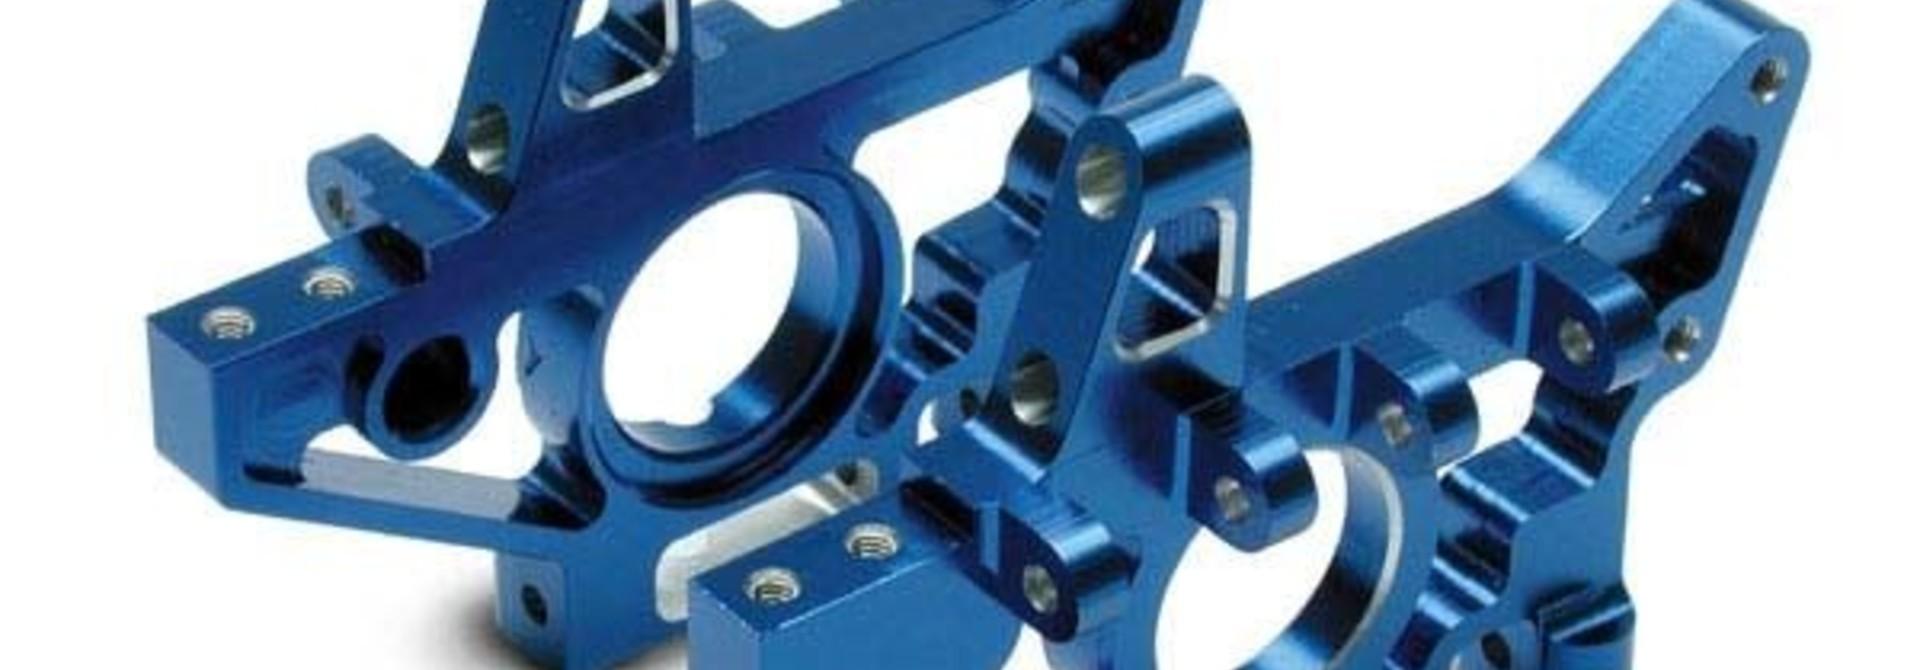 Bulkheads, rear (machined 6061-T6 aluminum) (blue)(l&r) (req, TRX4929X